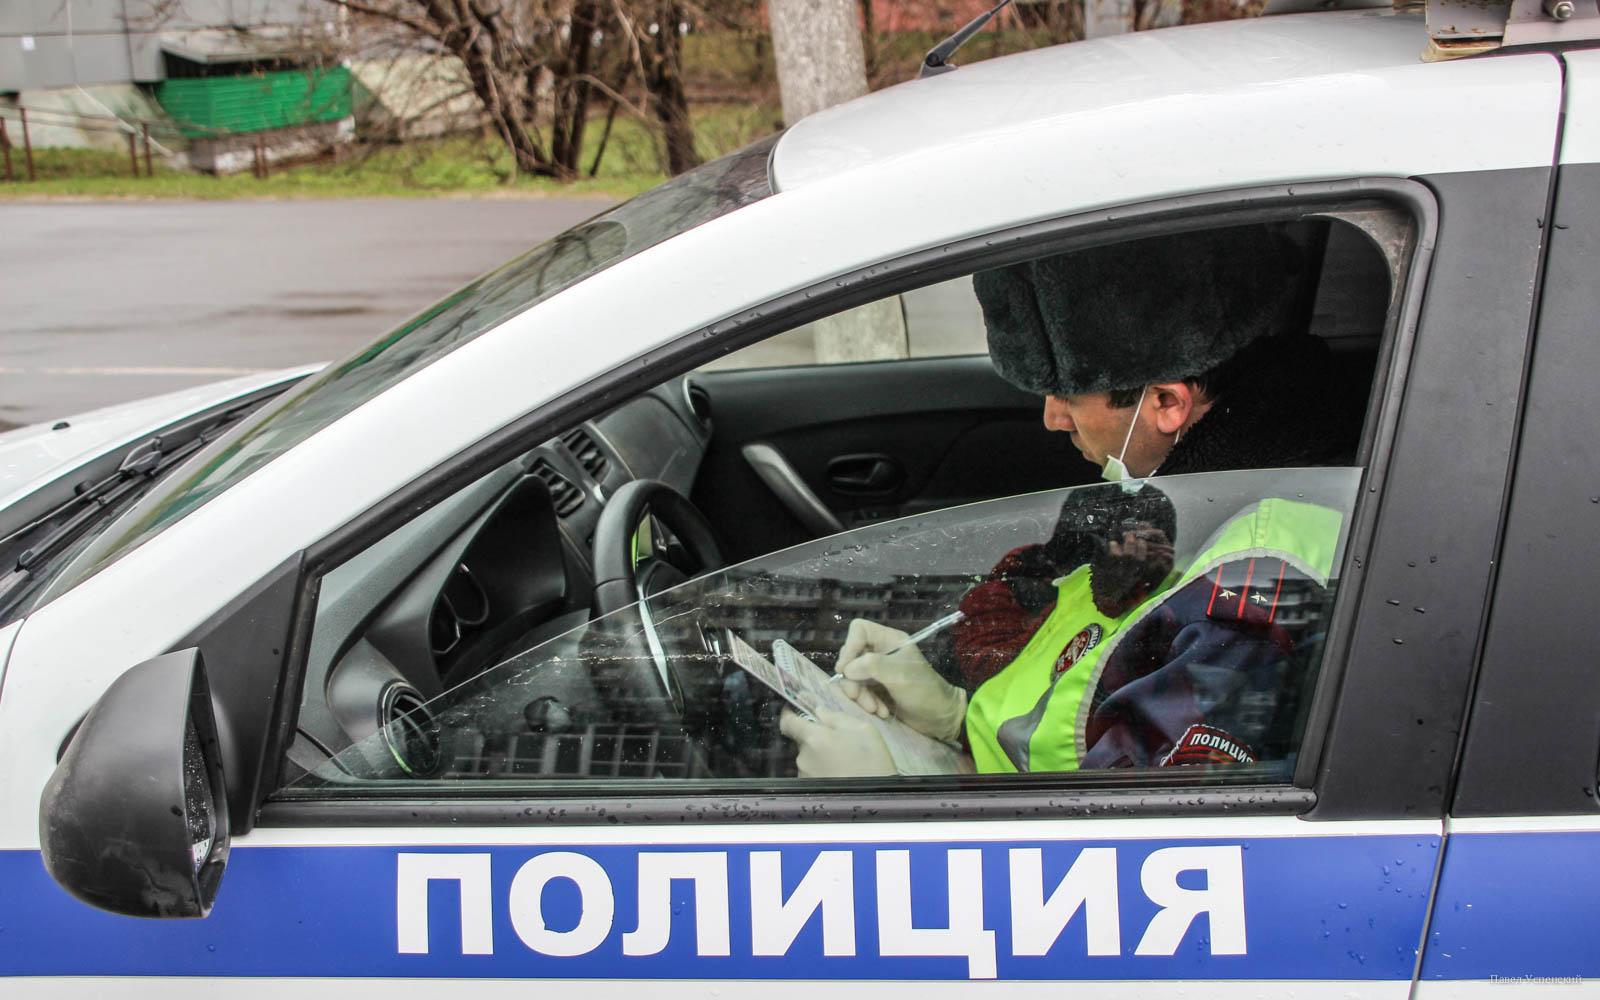 В Твери водитель легковушки отвлекся от дороги и сбил на «зебре» пенсионерку - новости Афанасий